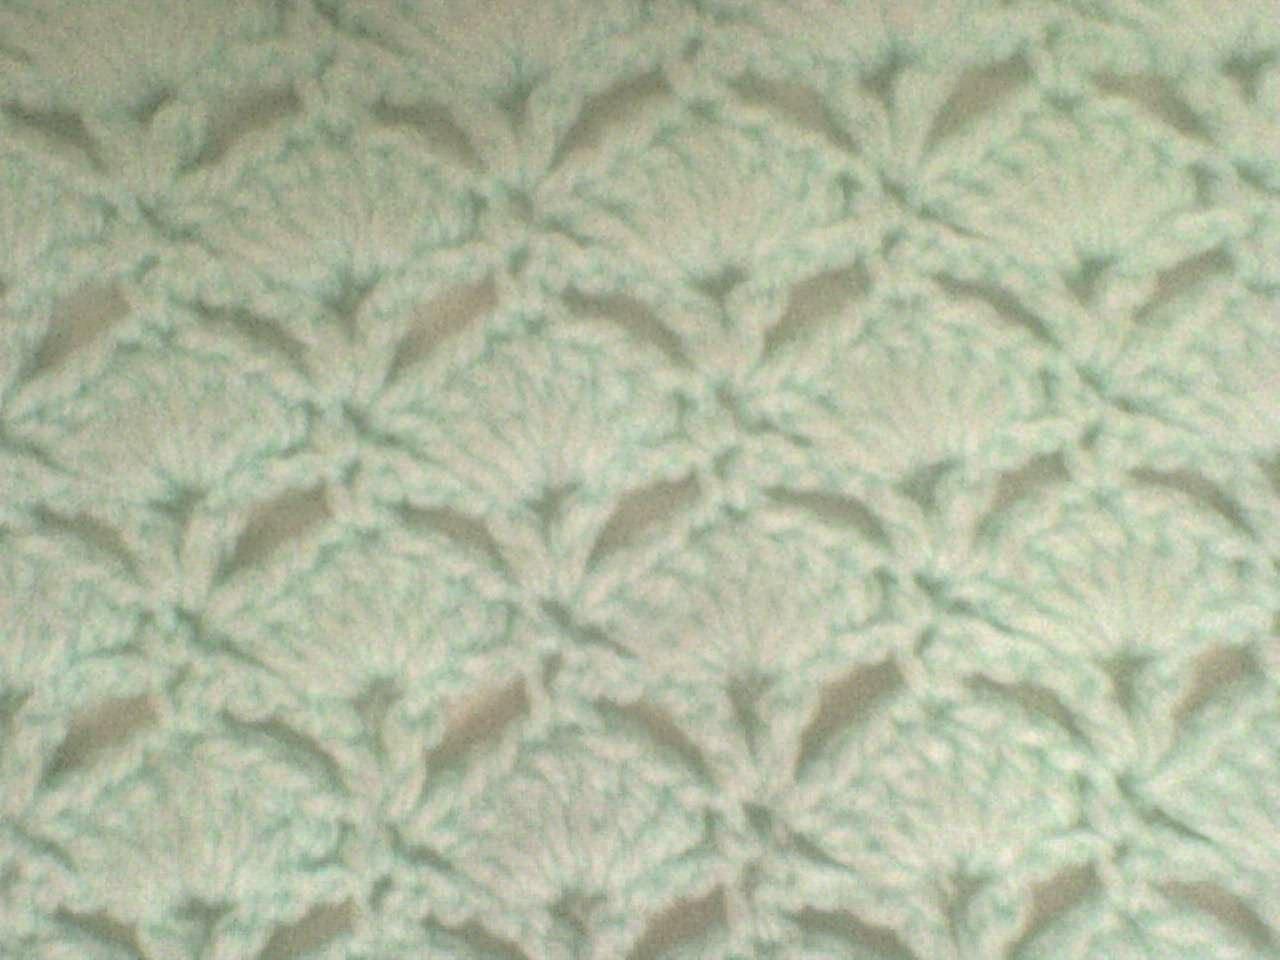 tejiendo mi vida en dos agujas: mi primer labor de tejido